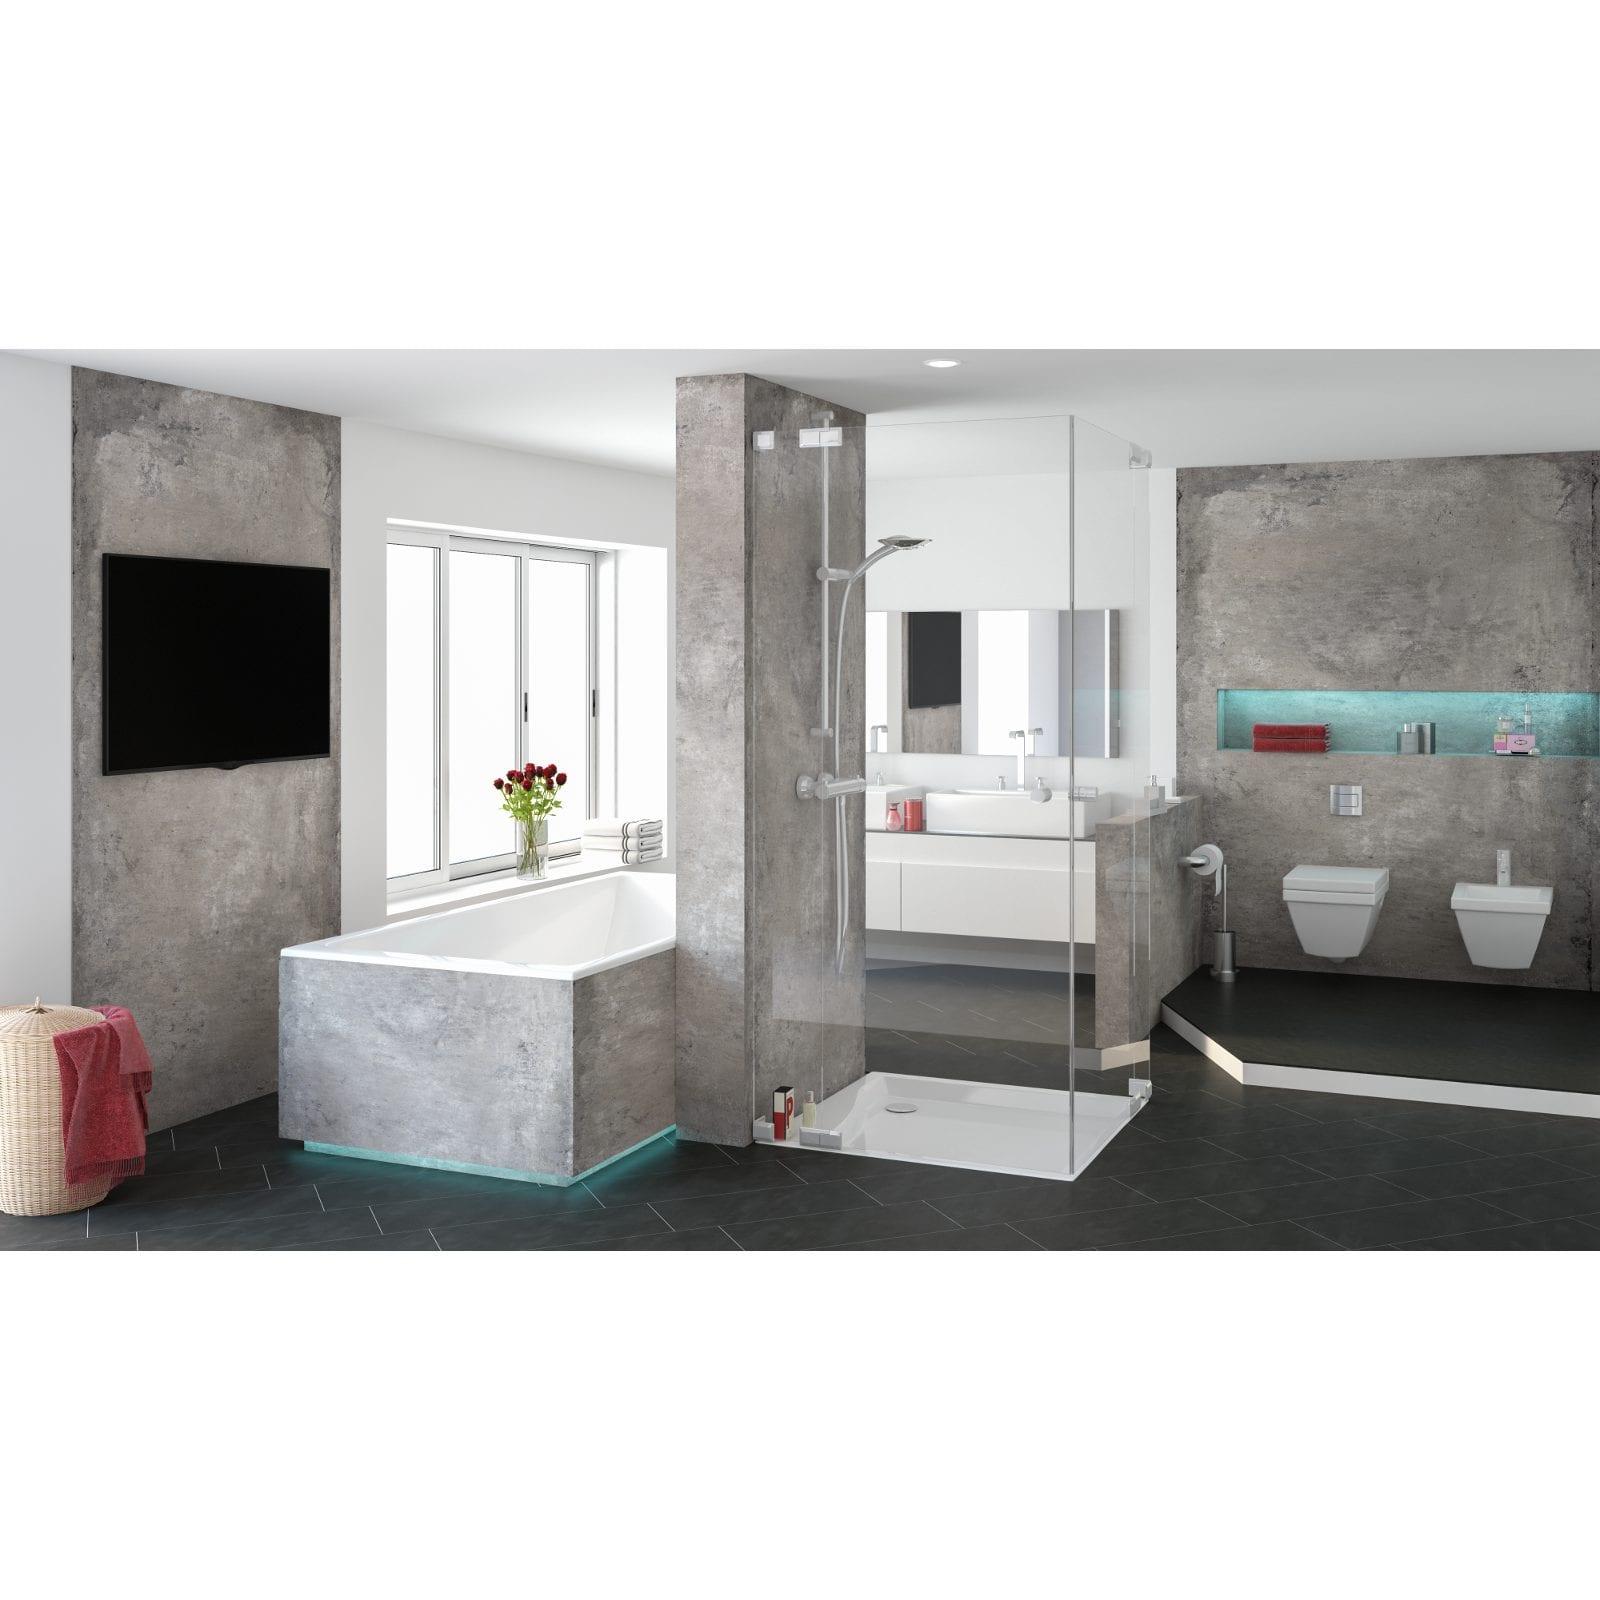 Muster Archive - Elanium Badezimmer renovieren ohne Fliesen